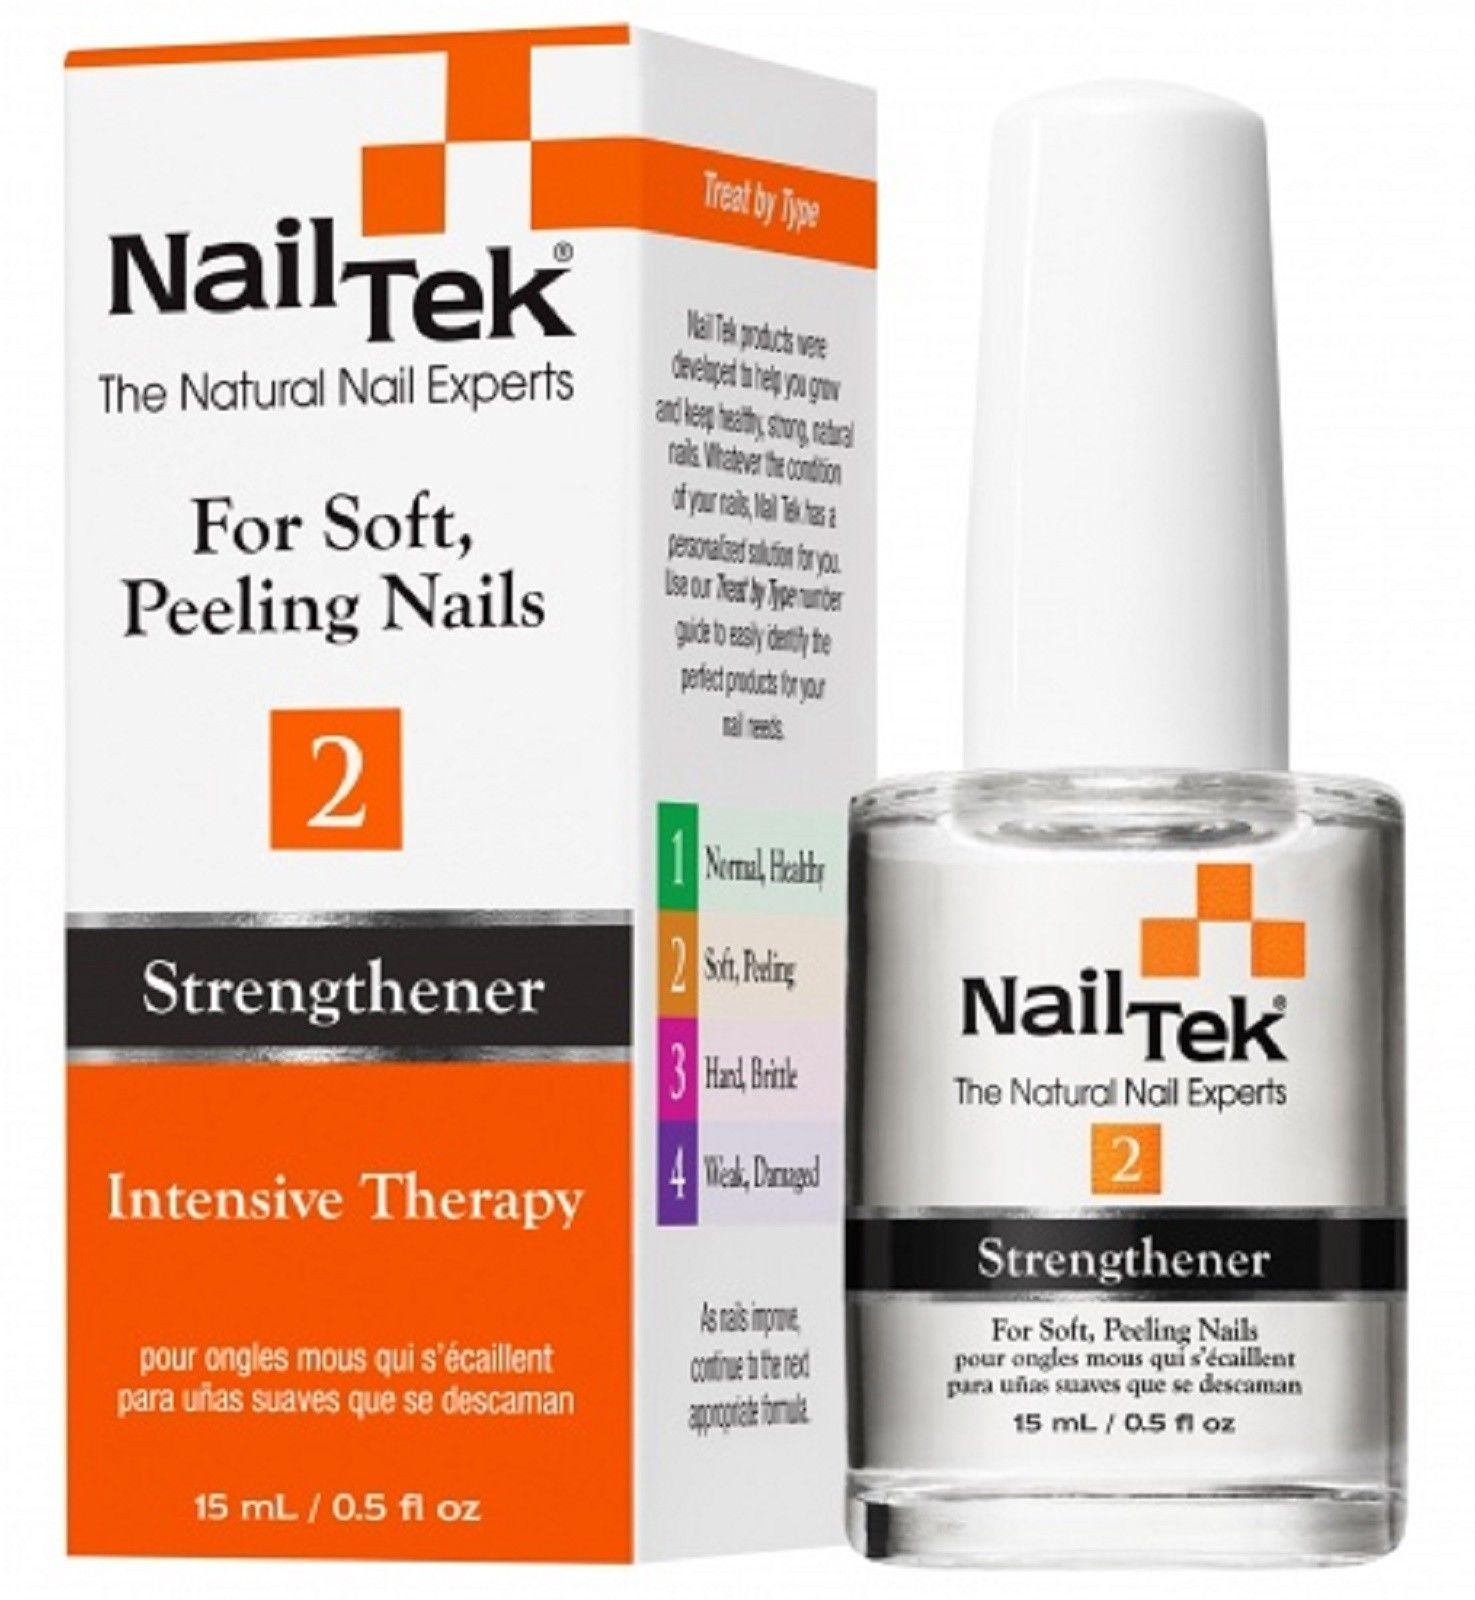 NAIL TEK Укрепитель и усилитель роста для мягких, слоящихся ногтей / THERAPY 2 15млЛечебные средства<br>NailTek THERAPY 2 - протеиновый состав с минералами, в том числе пантотенатом кальция, который при систематическом покрытии на ногти заметно укрепляет ногтевую пластину, препятствует ее расслоению и обеспечивает ее здоровый рост. Способ применения: 1. Придайте ногтям желаемую форму. 2. Для усиления эффекта и лучшего проникновения рекомендуется нанести NailTek FOUNDATION 2 - базовое выравнивающее покрытие для мягких, слоящихся ногтей. 3. Нанесите 2 слоя лака для ногтей. 4. Нанесите поверх верхнее покрытие NailTek THERAPY 2 - укрепитель и усилитель роста для мягких, слоящихся ногтей. Далее каждый день наносите новый слой NailTek THERAPY 2 в качестве верхнего покрытия. Через неделю снимите все покрытия жидкостью без ацетона и повторите процедуру (недельный цикл). Период применения: смена покрытия каждые 7 дней, длительность курса   8 недель.<br><br>Объем: 15 мл